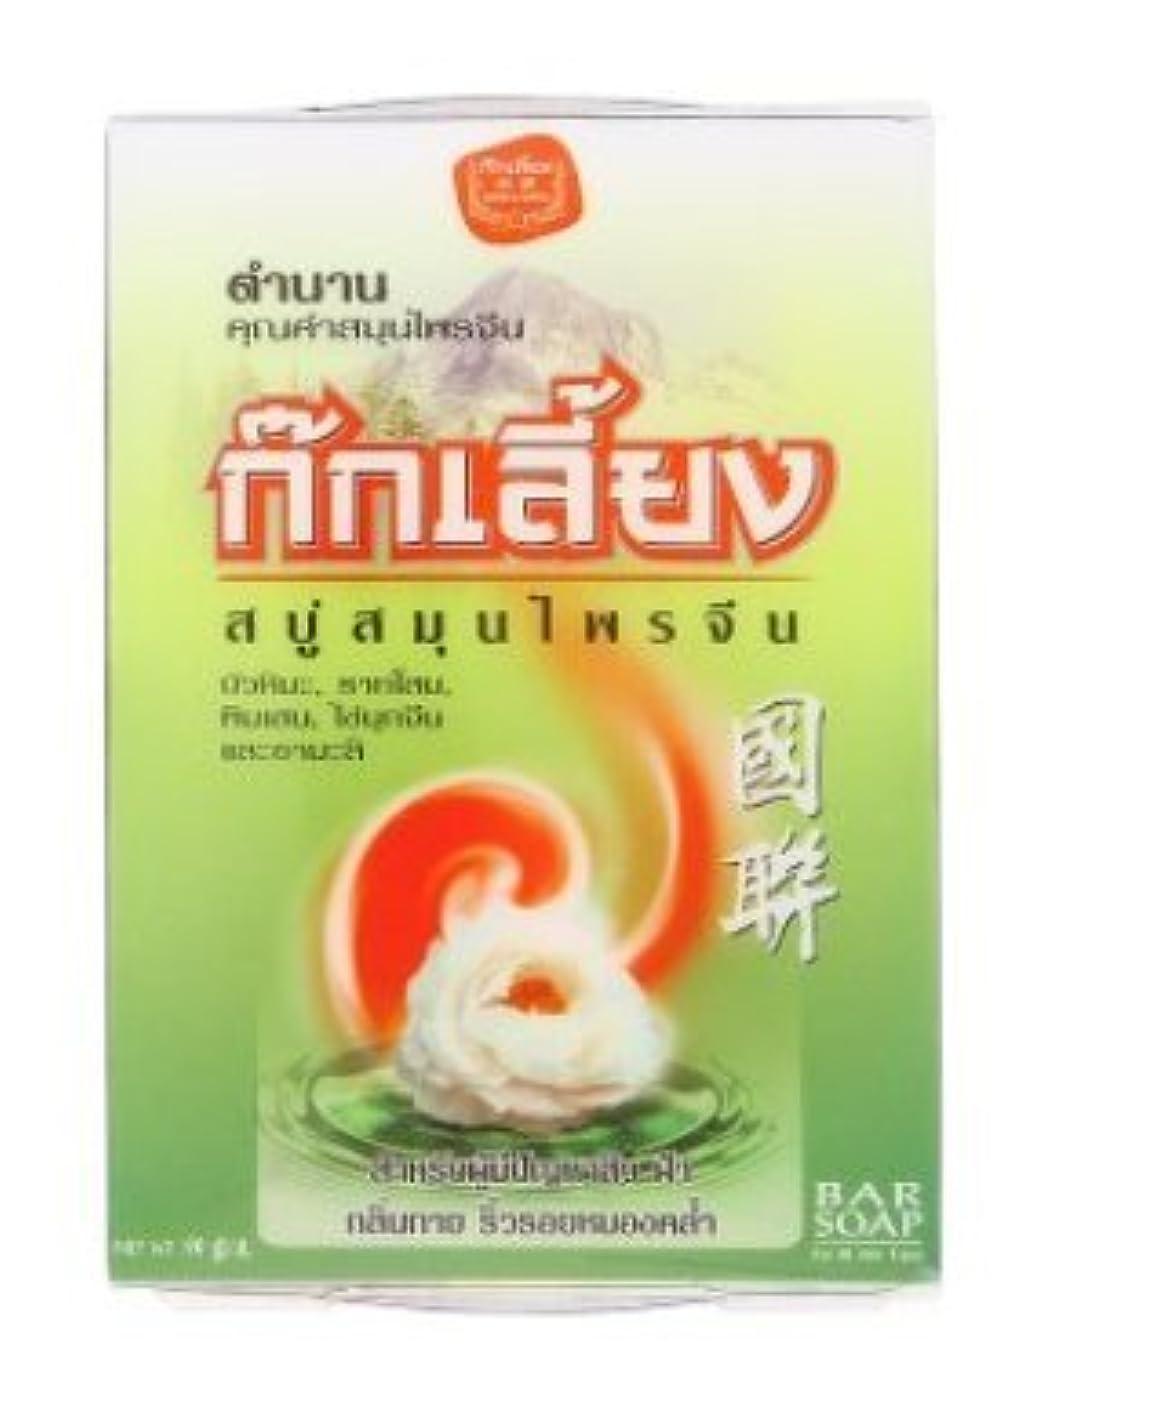 プリーツ前進凍るAsian Mall 中国語 ハーブソープ 顔と体のため ( 90g x 2pcs ) / Chinese Herbal Bar Soap for Face and Body Kok Liang